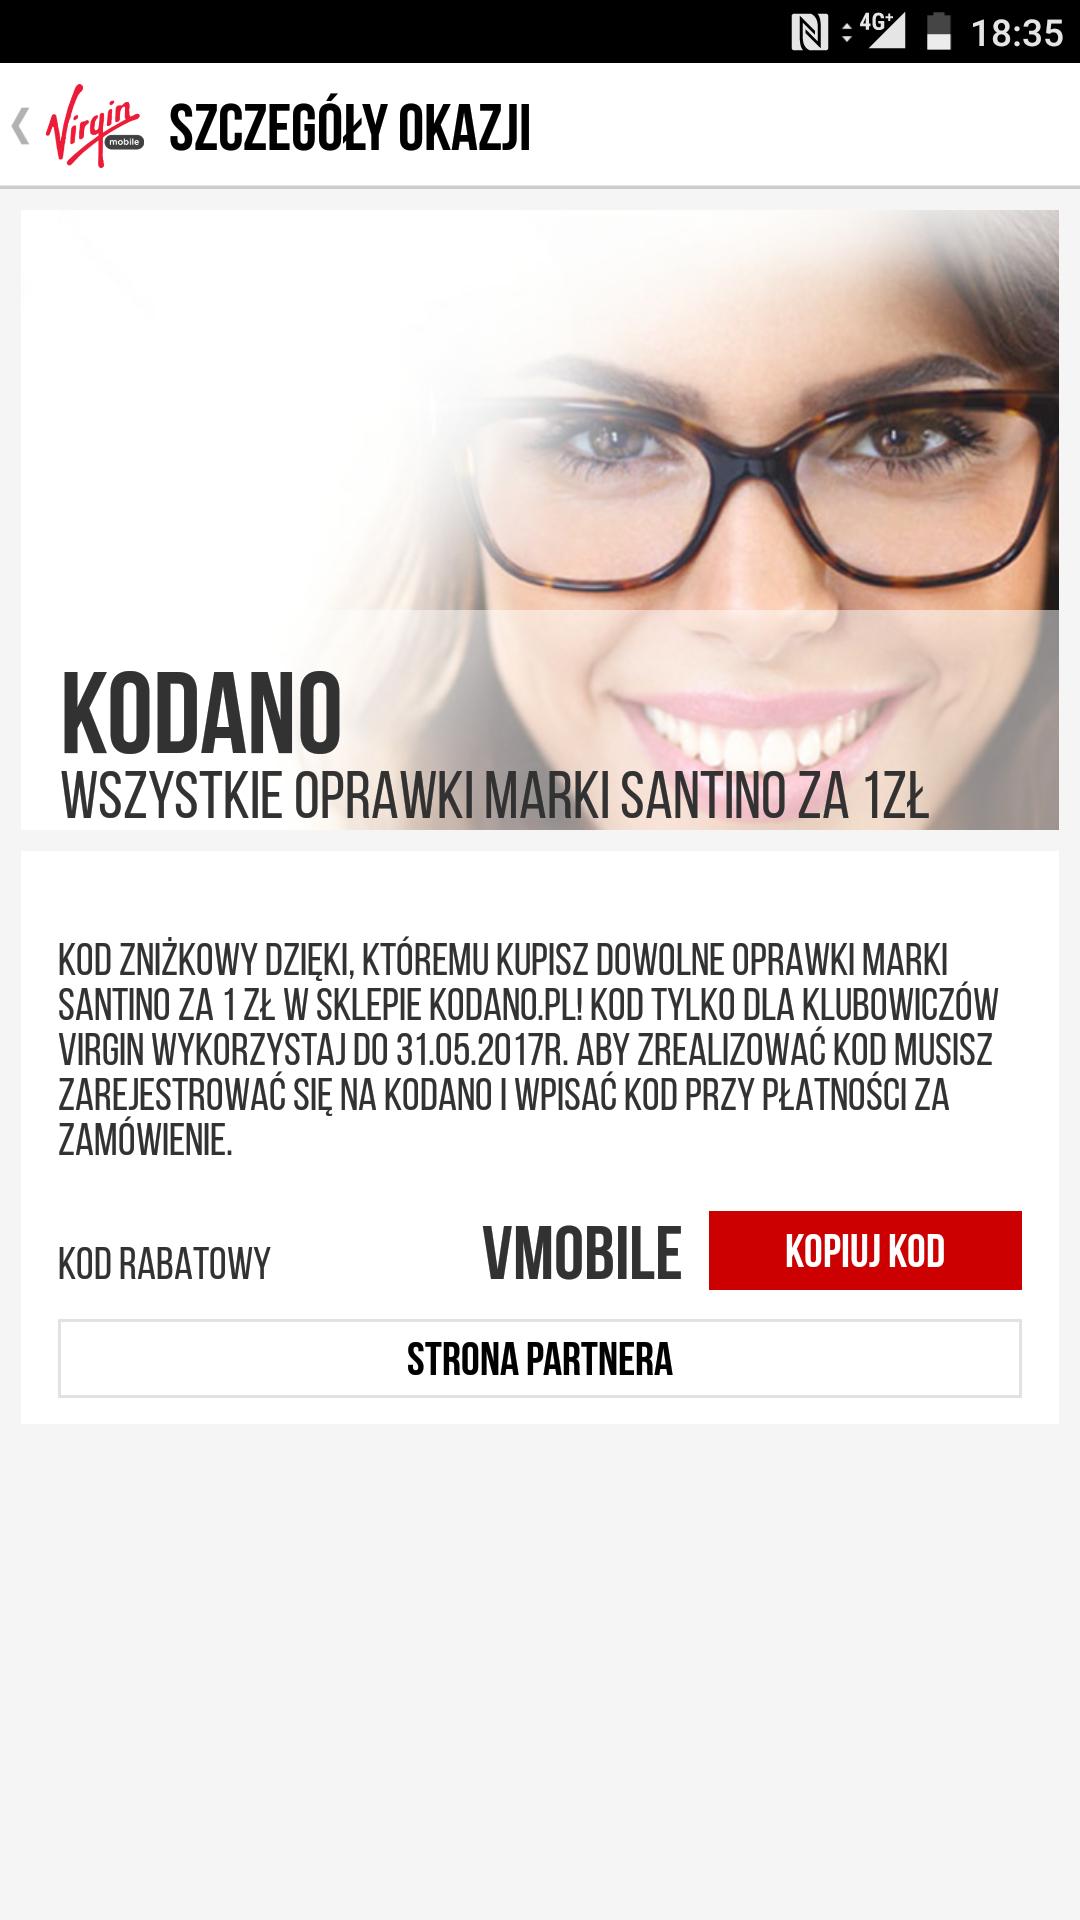 Kodano.pl - wszystkie oprawki Santino za 1zł, łącznie z najtańszymi szkłami powinno wyjść około 31zł.